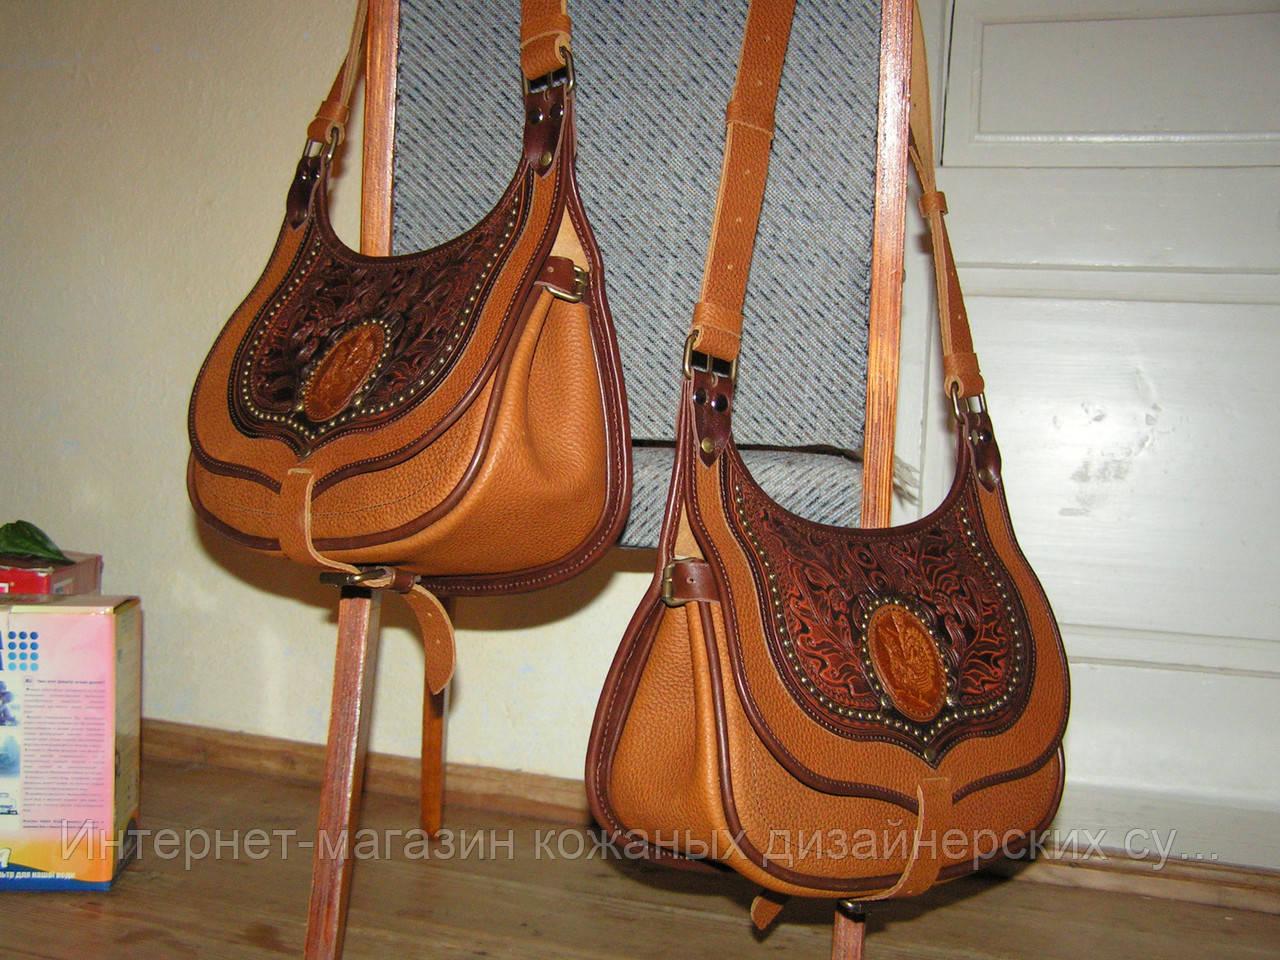 1bf034c6d7a7 Кожаная сумка ручной работы